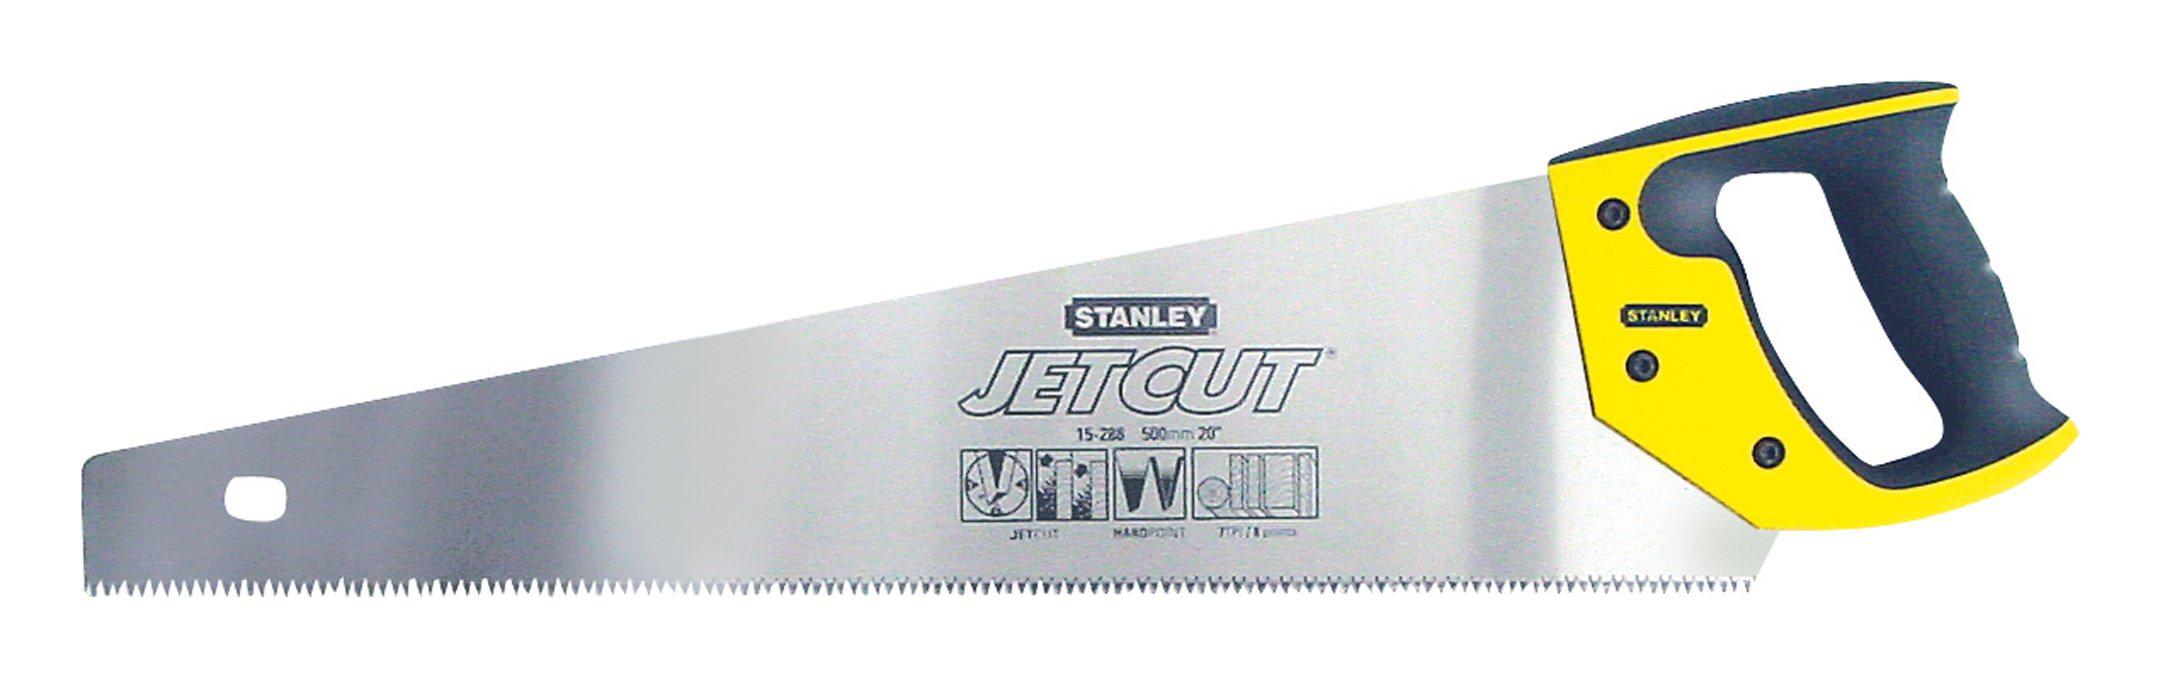 Stanley Säge Jetcut 2-15-288 Handsäge grob 500mm 7 Zähne pro Inch JetCut